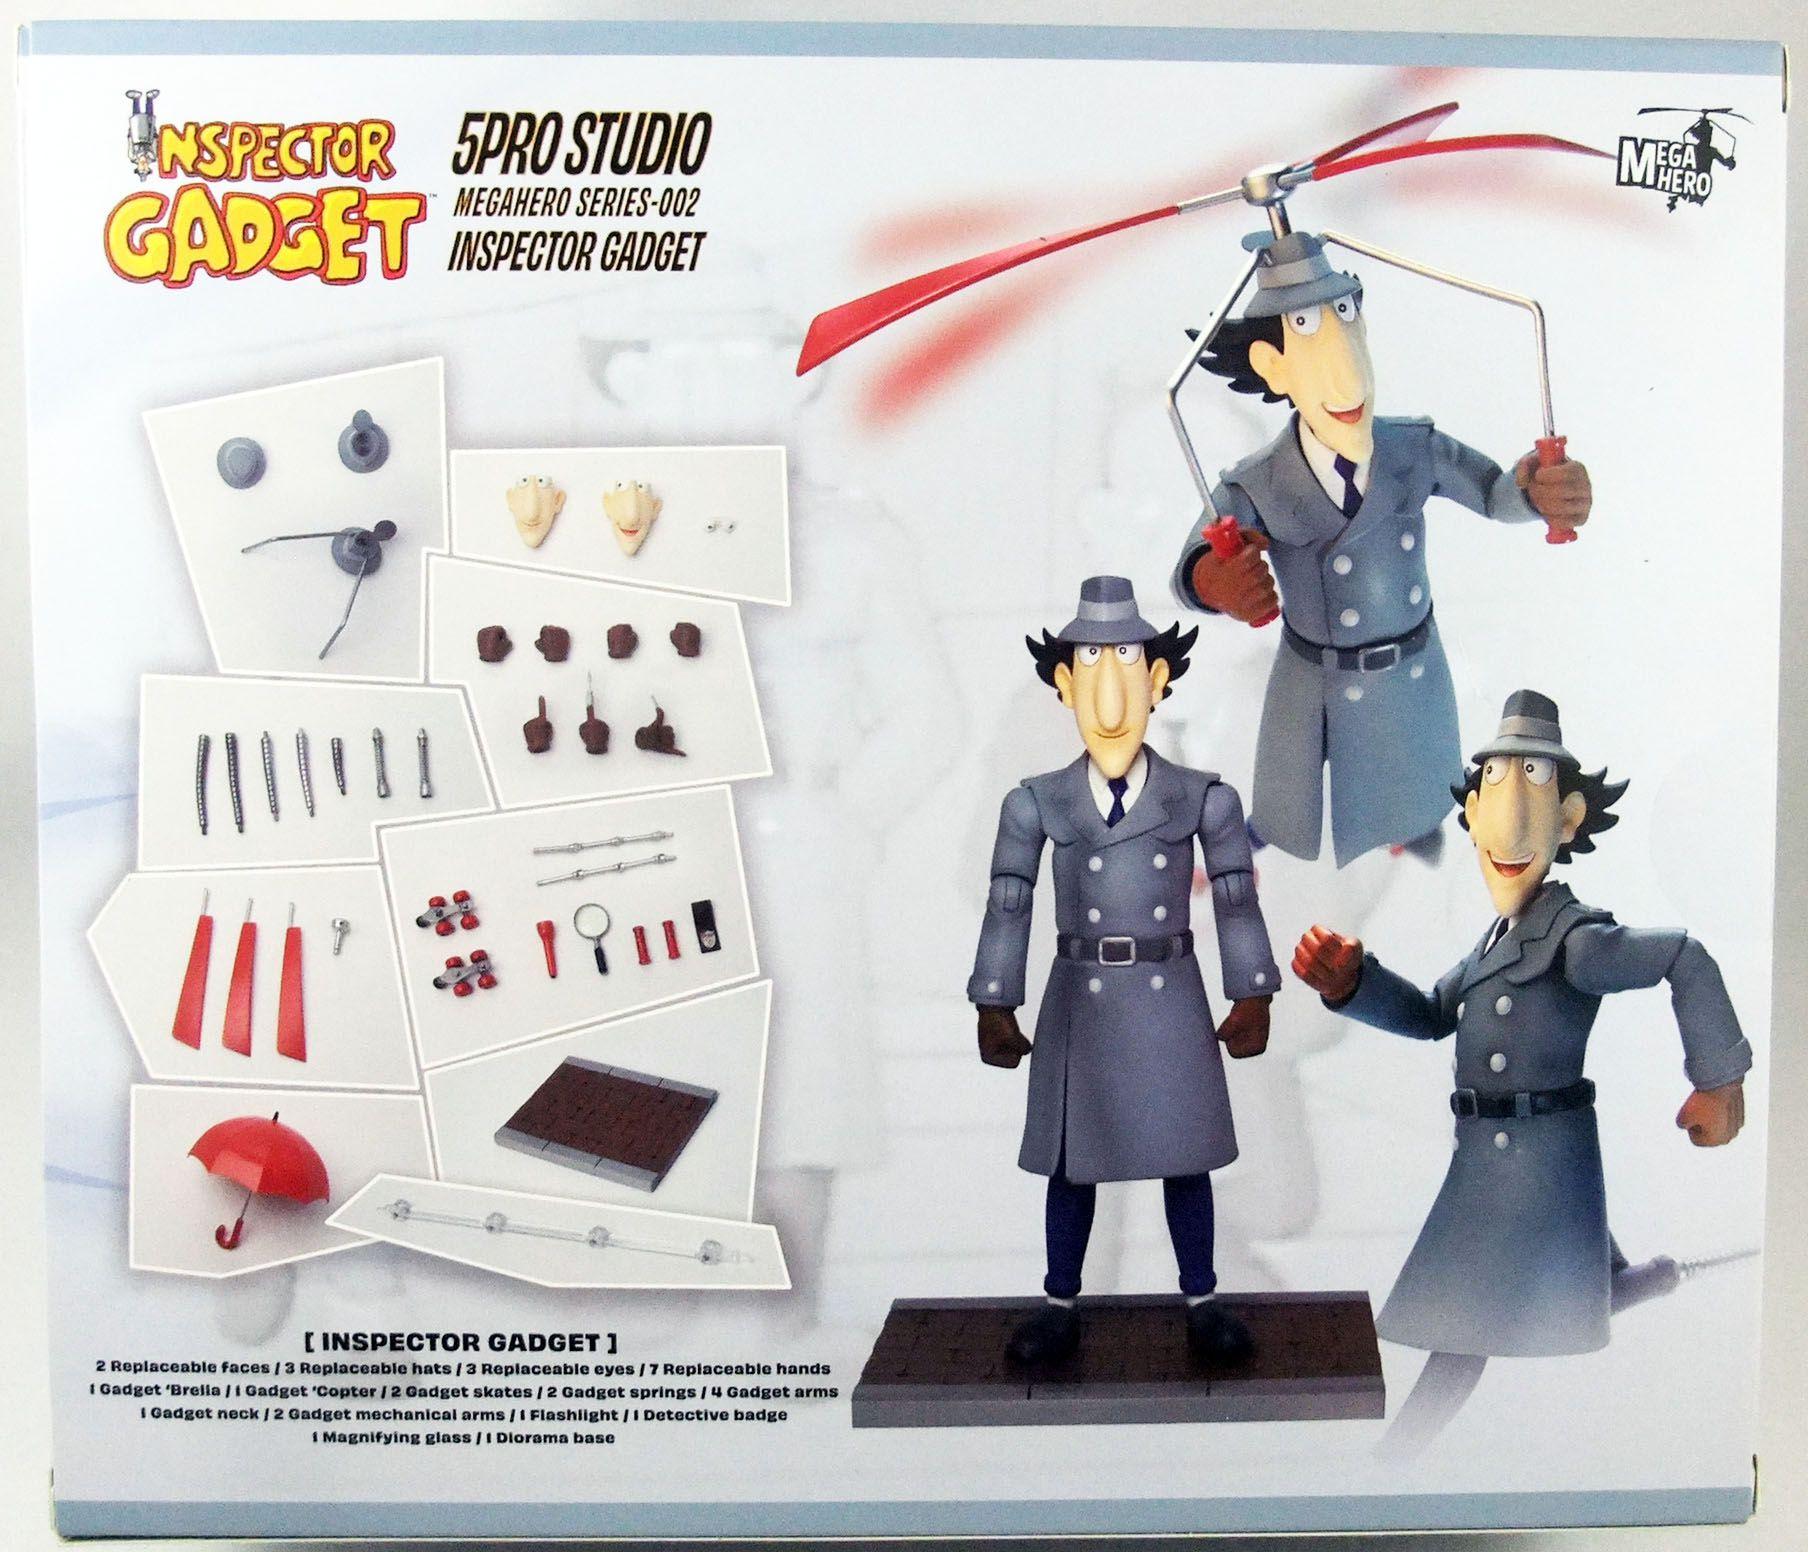 Inspecteur Gadget - Blitzway - Inspecteur Gadget - Figurine articulée  1/6ème MegaHero 5Pro Studio